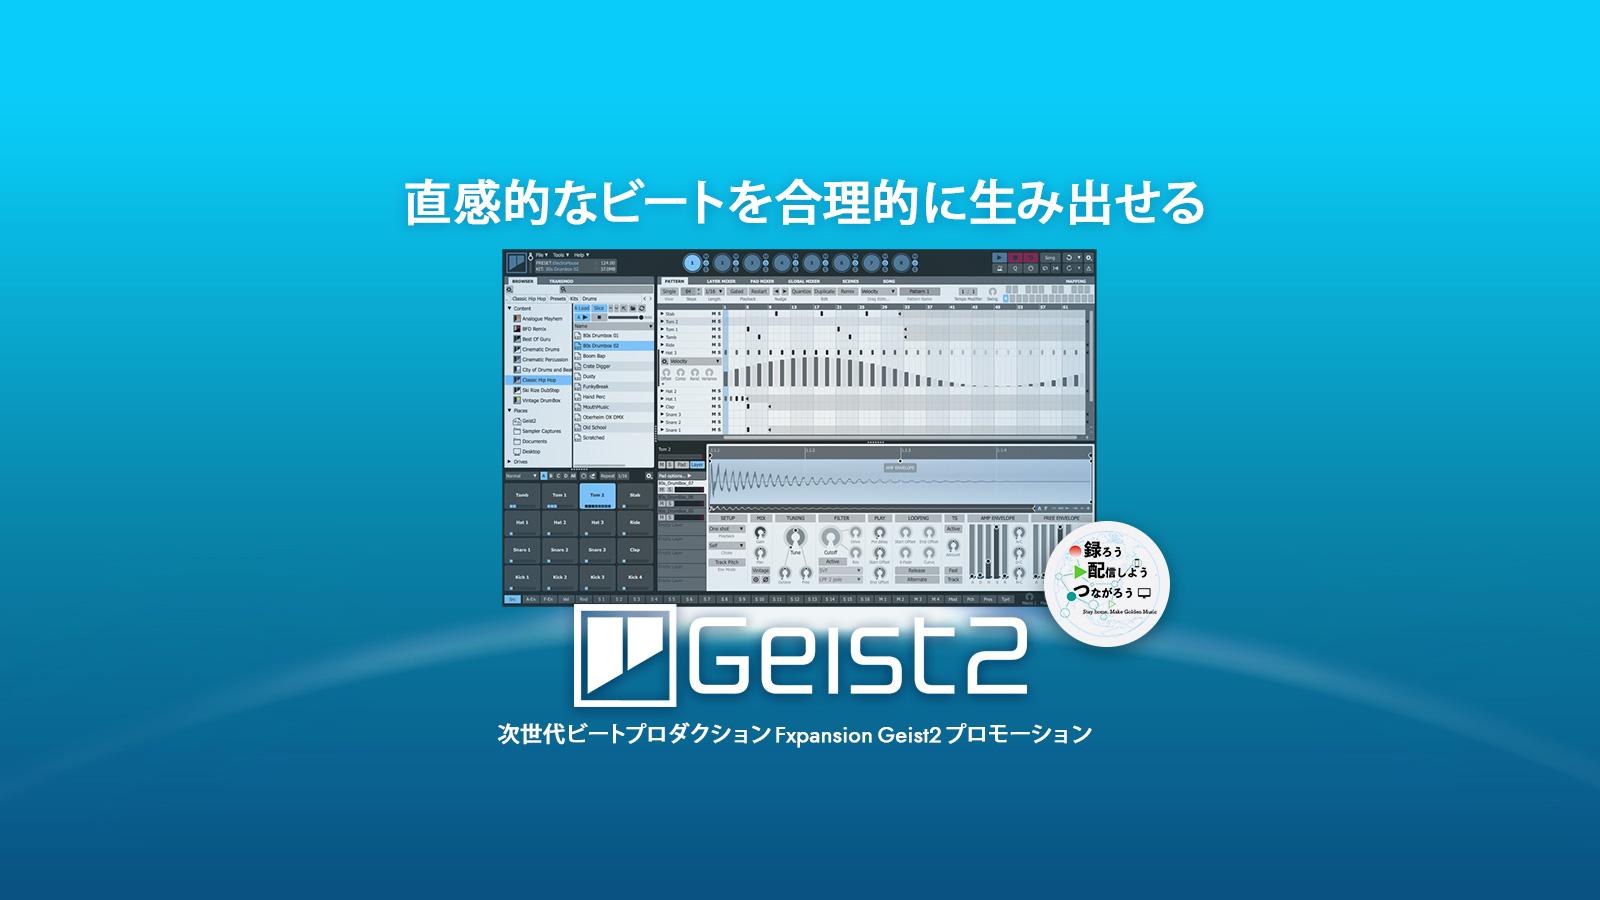 次世代ビートプロダクションFXpansion Geist2 プロモーション